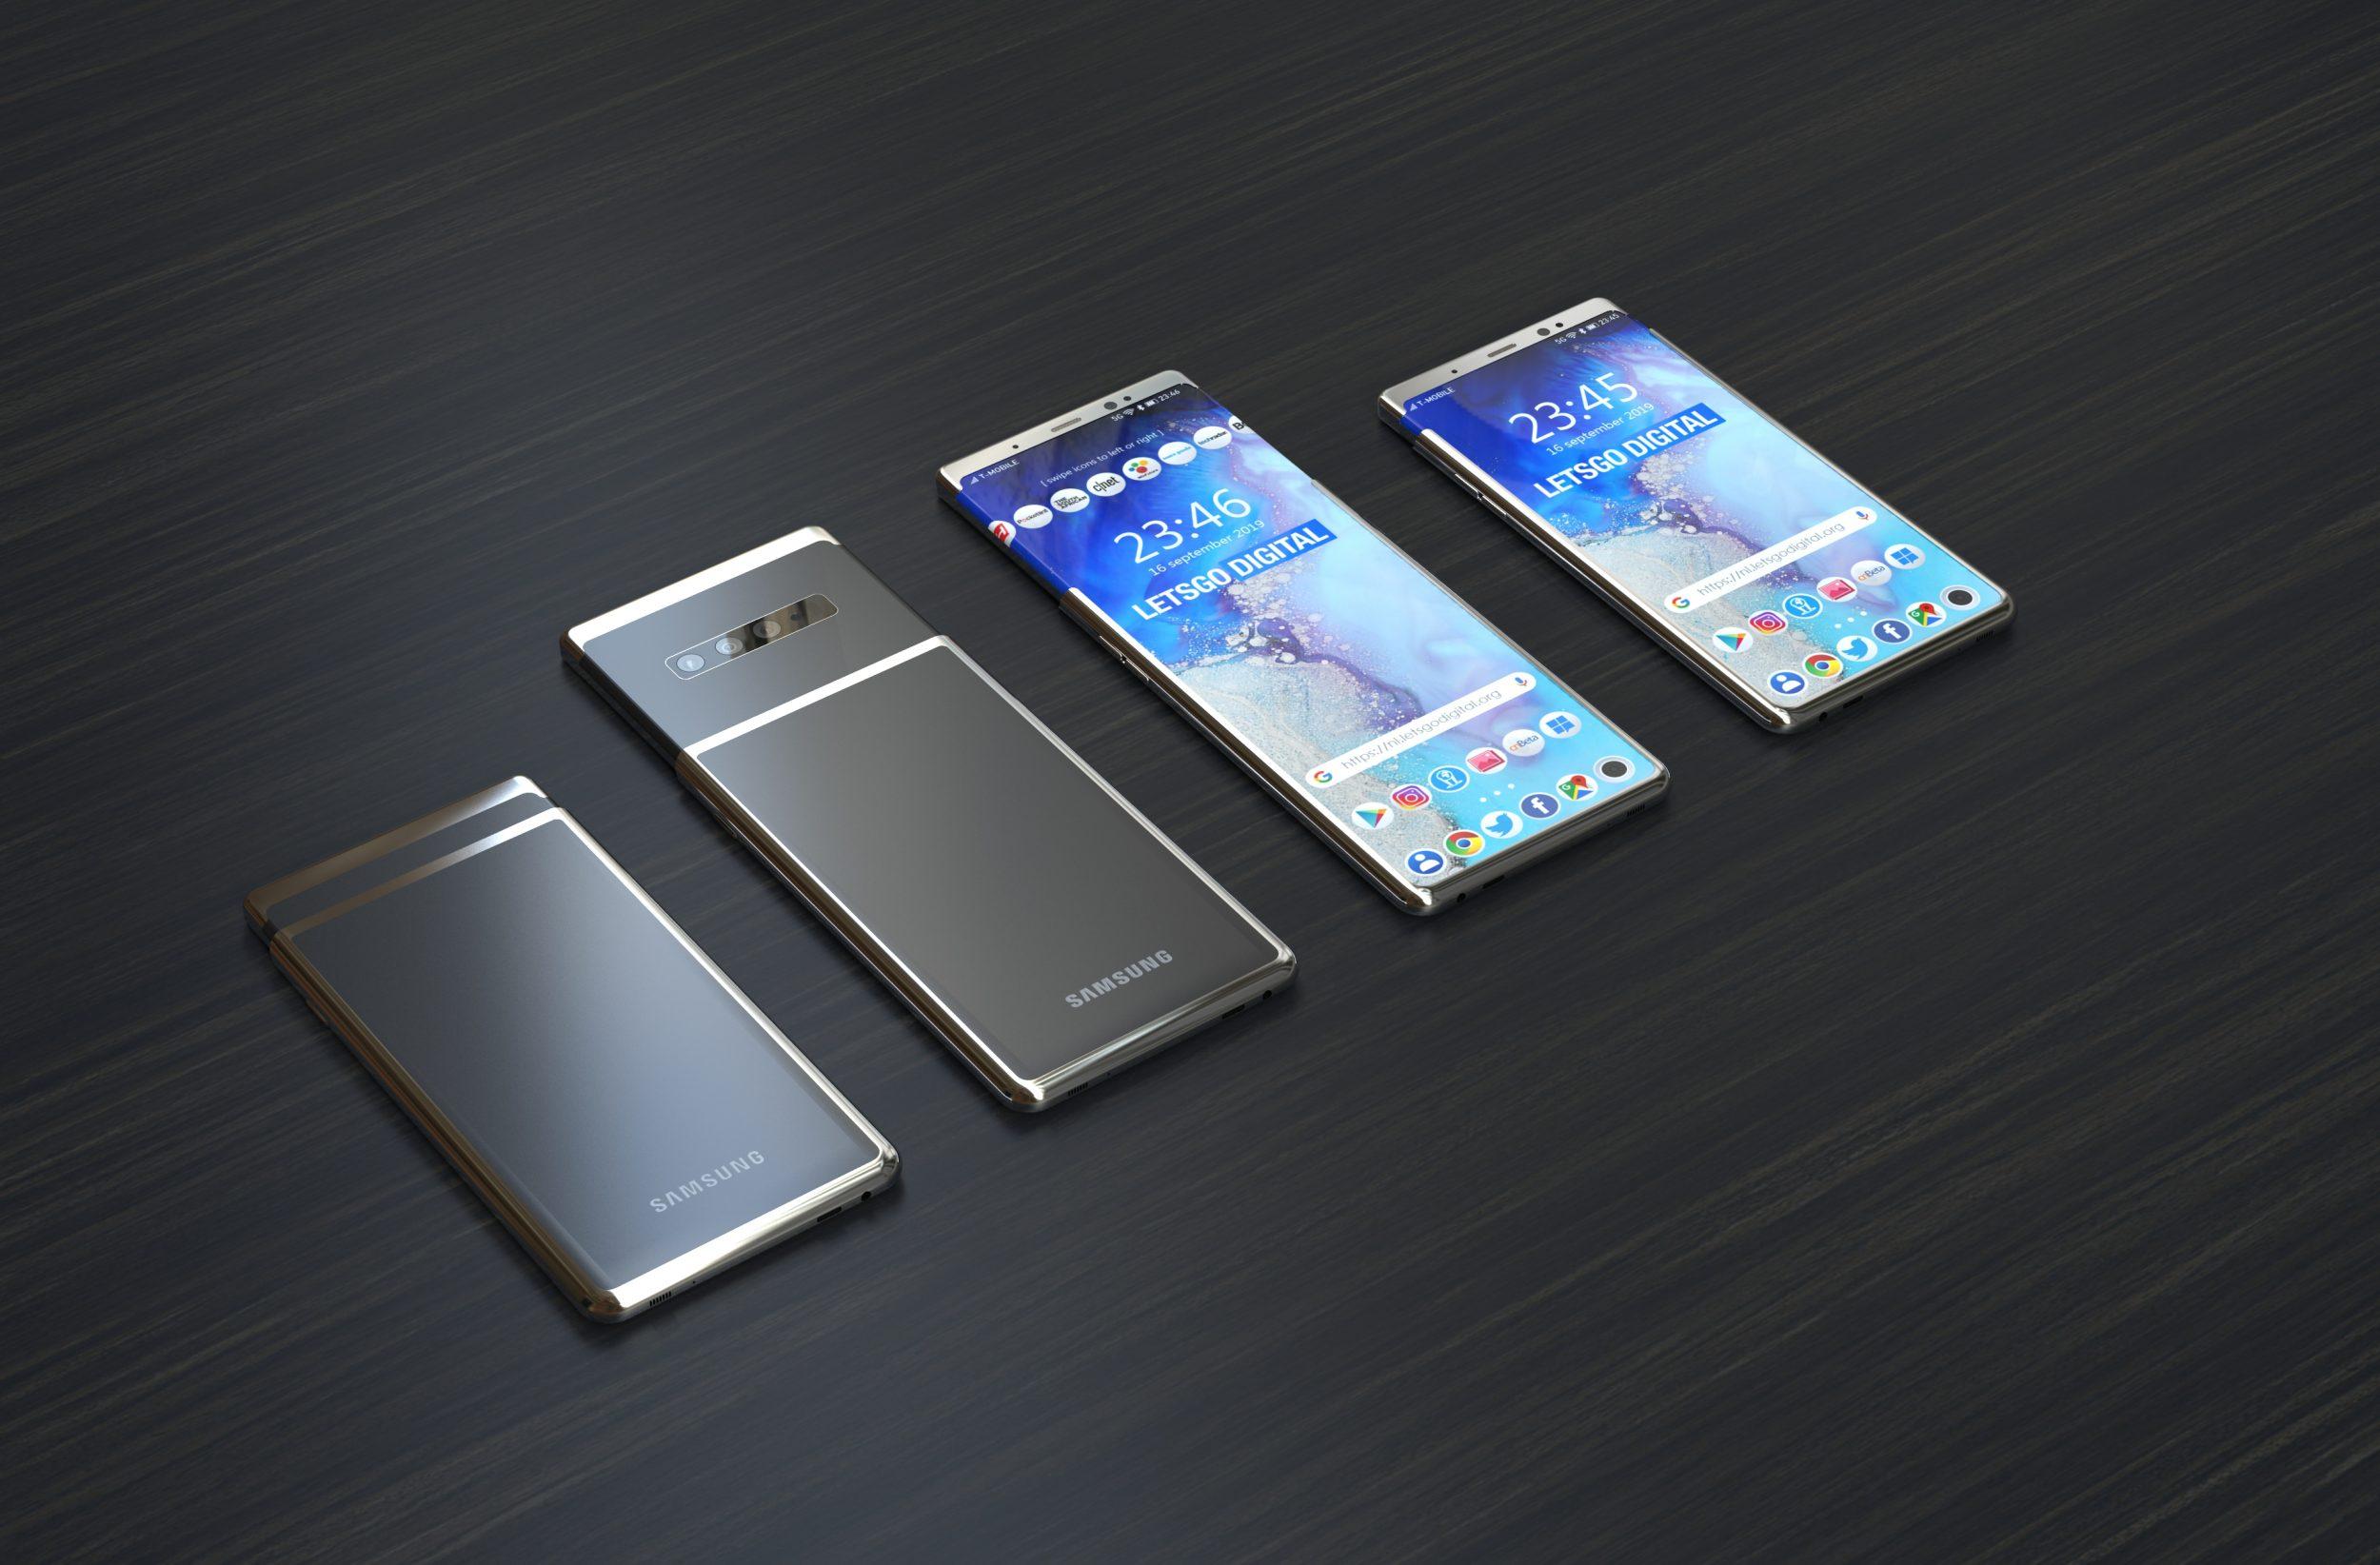 Samsung brevetta il primo smartphone con display estensibile: ci sono speranze per vederlo come Galaxy S11+? (foto)